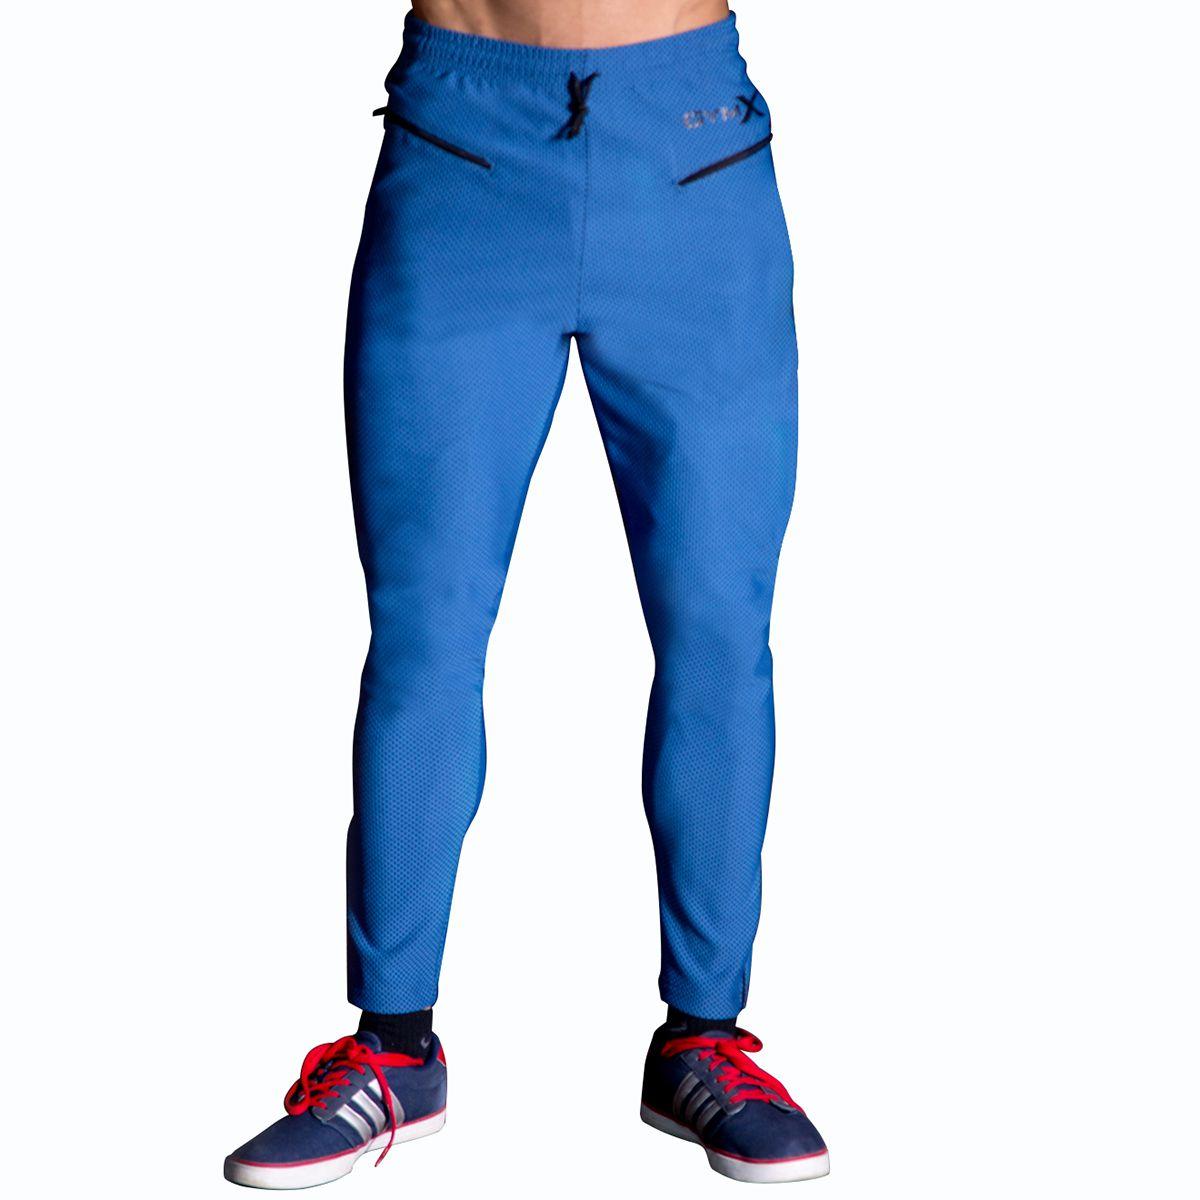 GymX Mens Vanquish Sweatpants- Ocean Blue